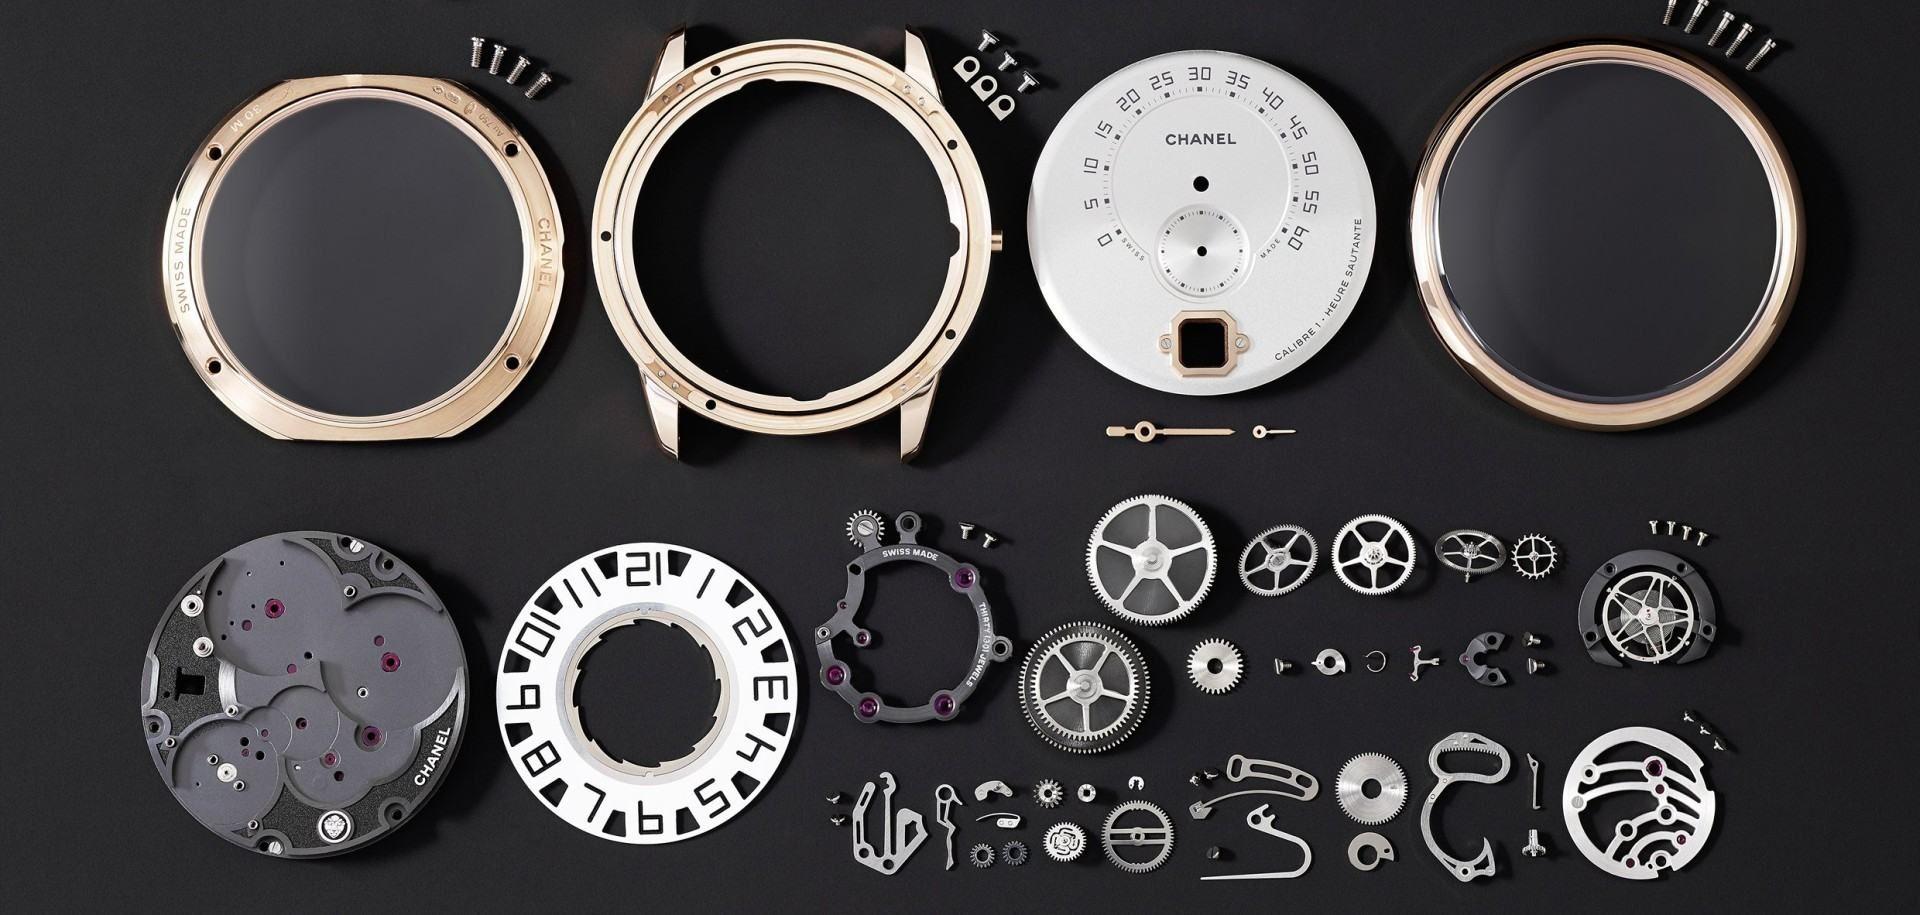 積極布局製錶大業,香奈兒取得KENISSI製錶廠部分股權